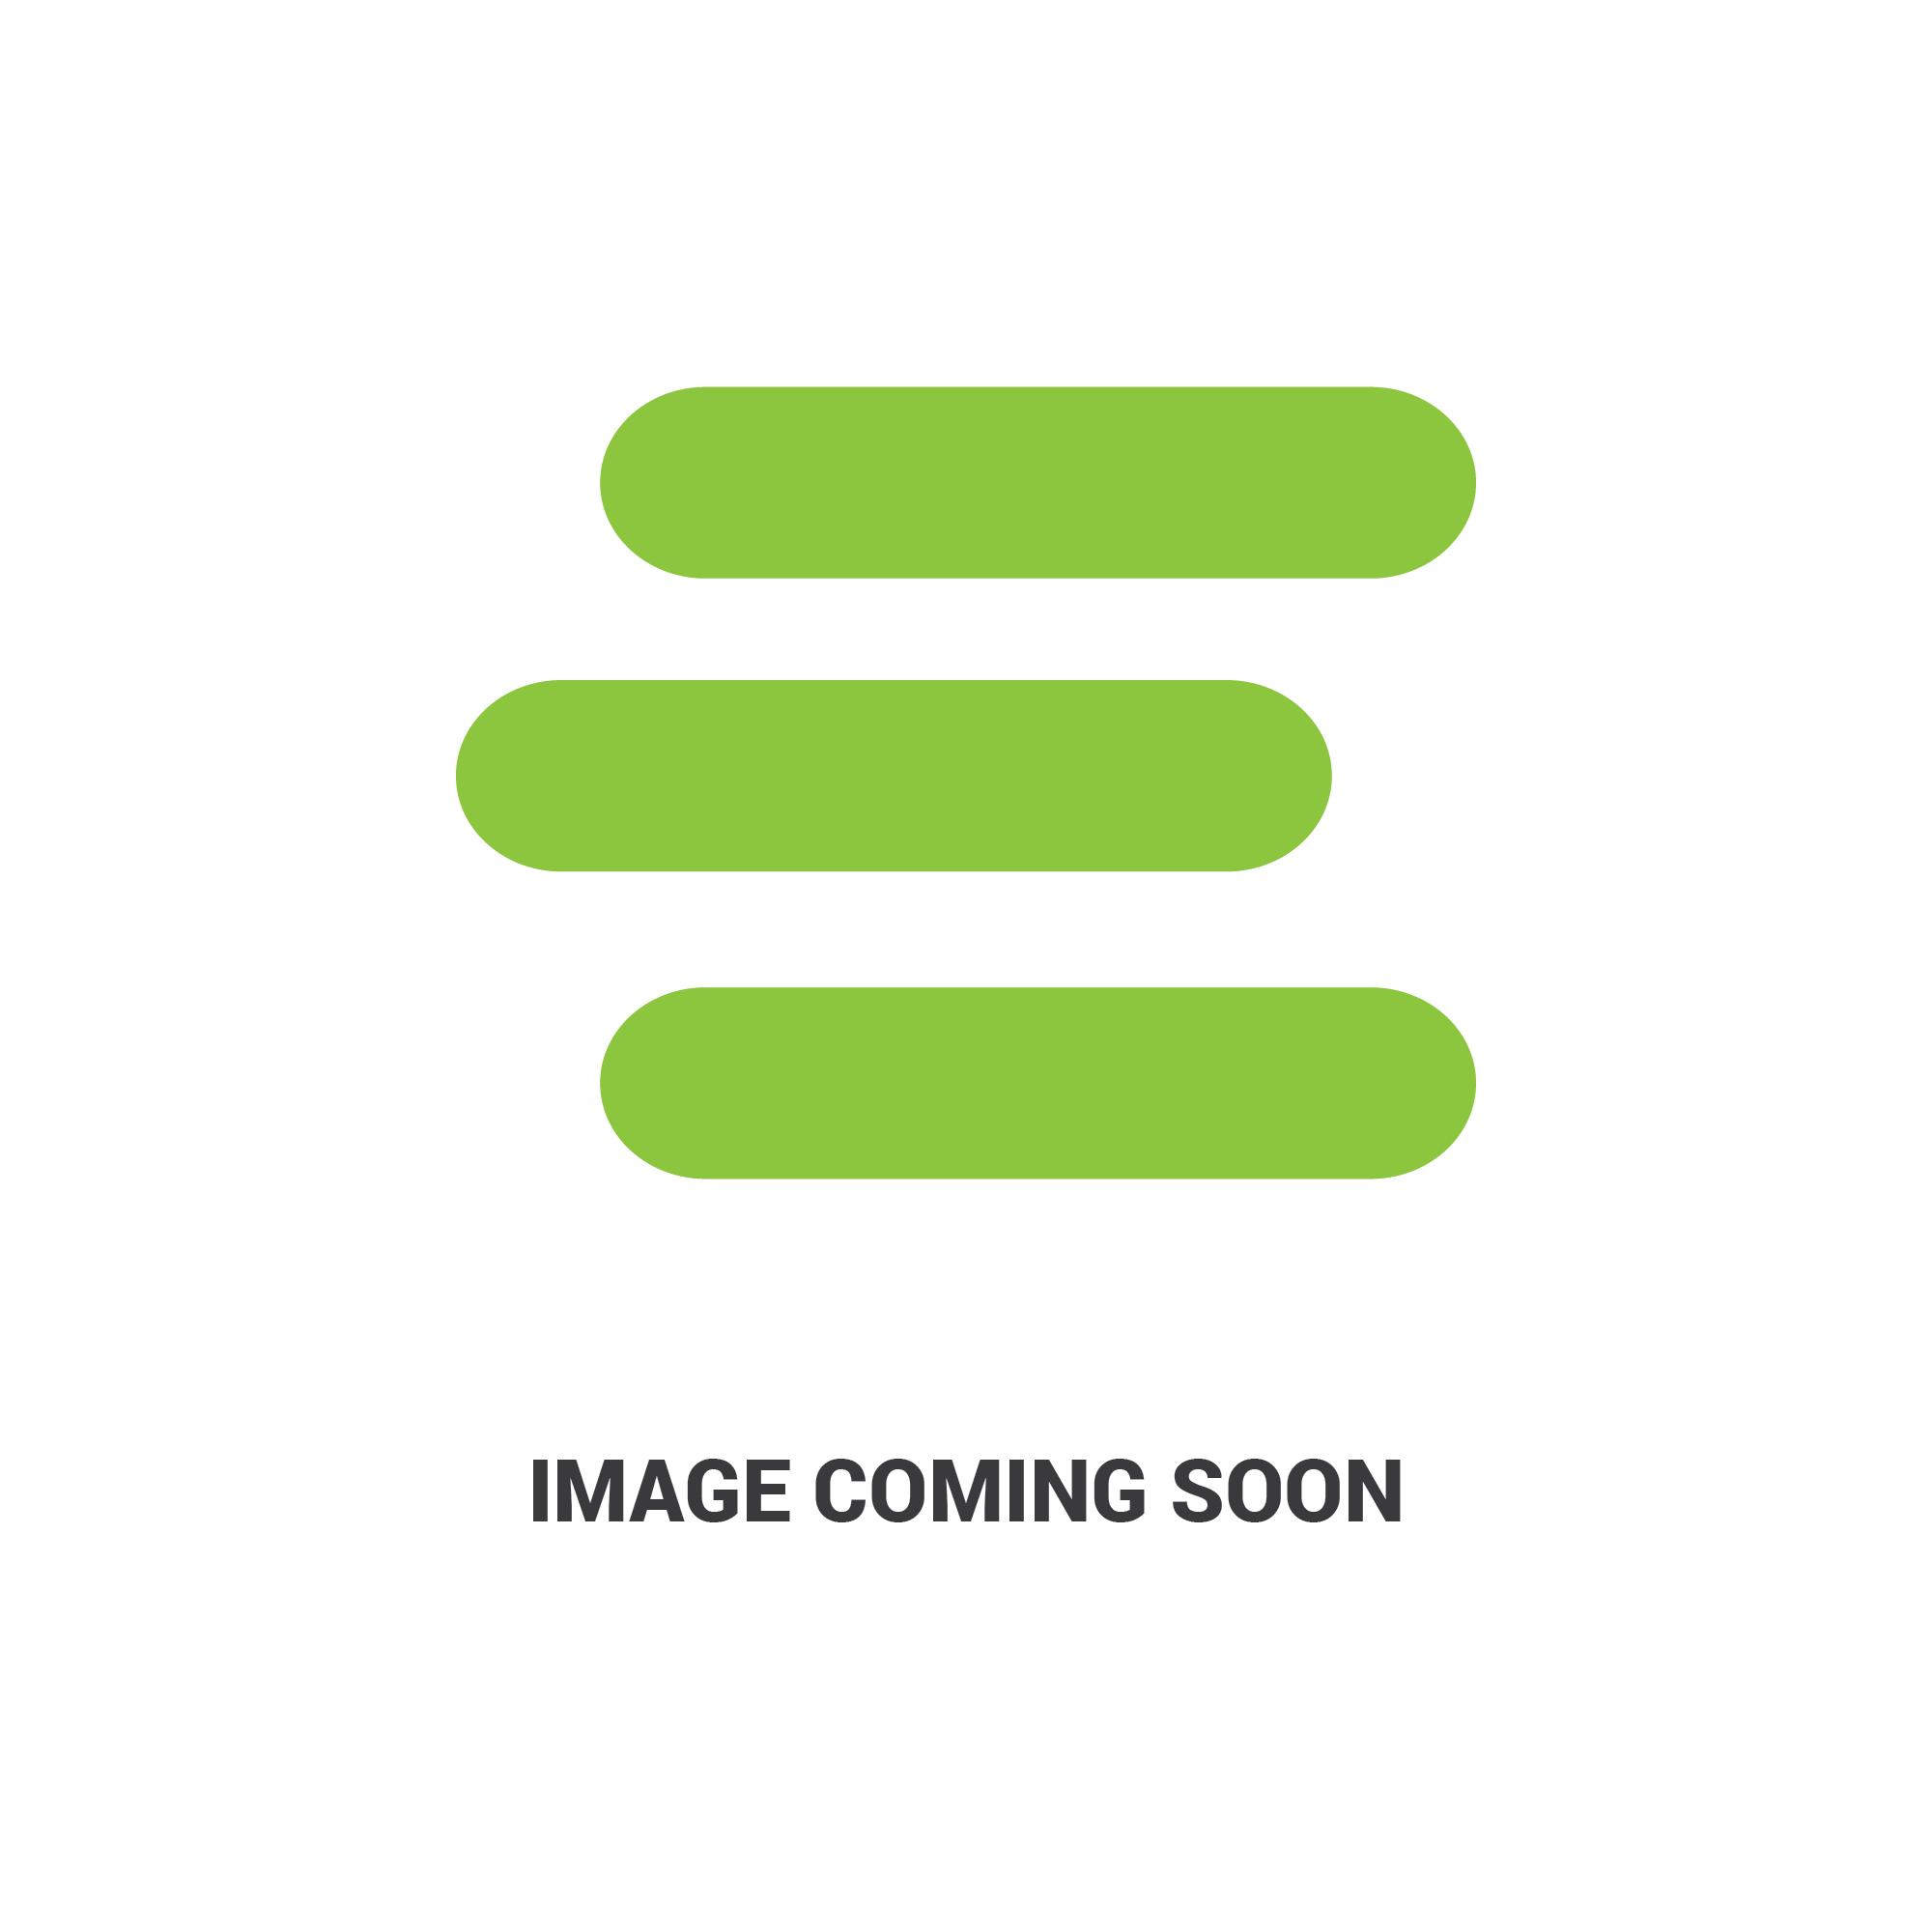 E-6C080-31010edit 186.jpg